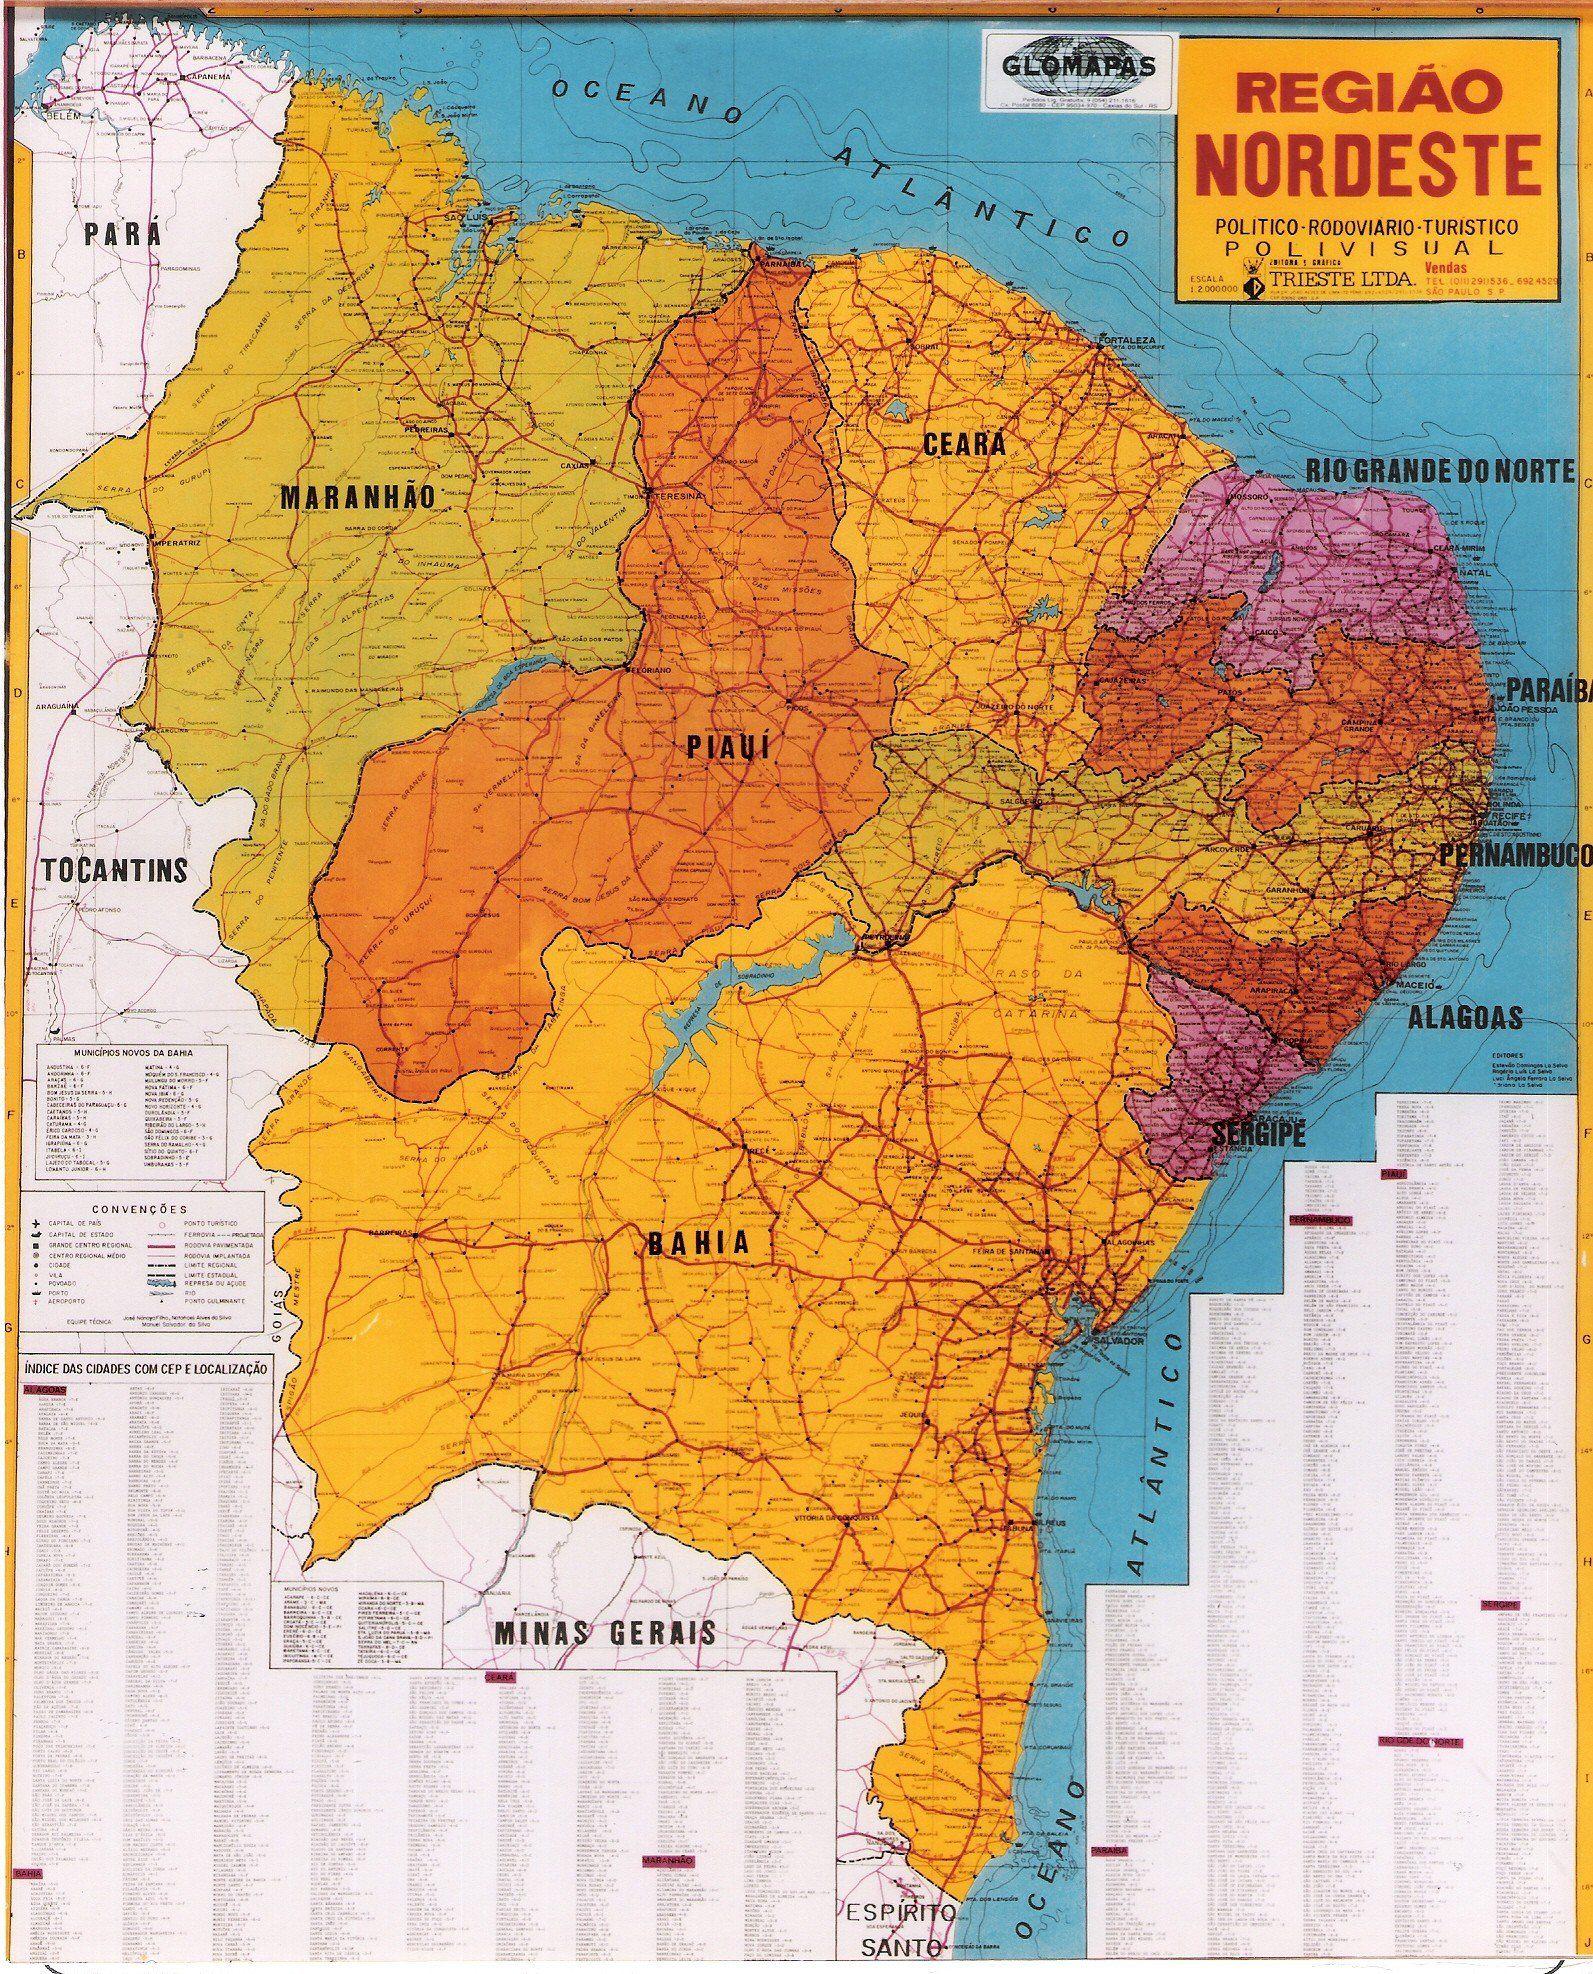 mapa do Nordeste brasileiro